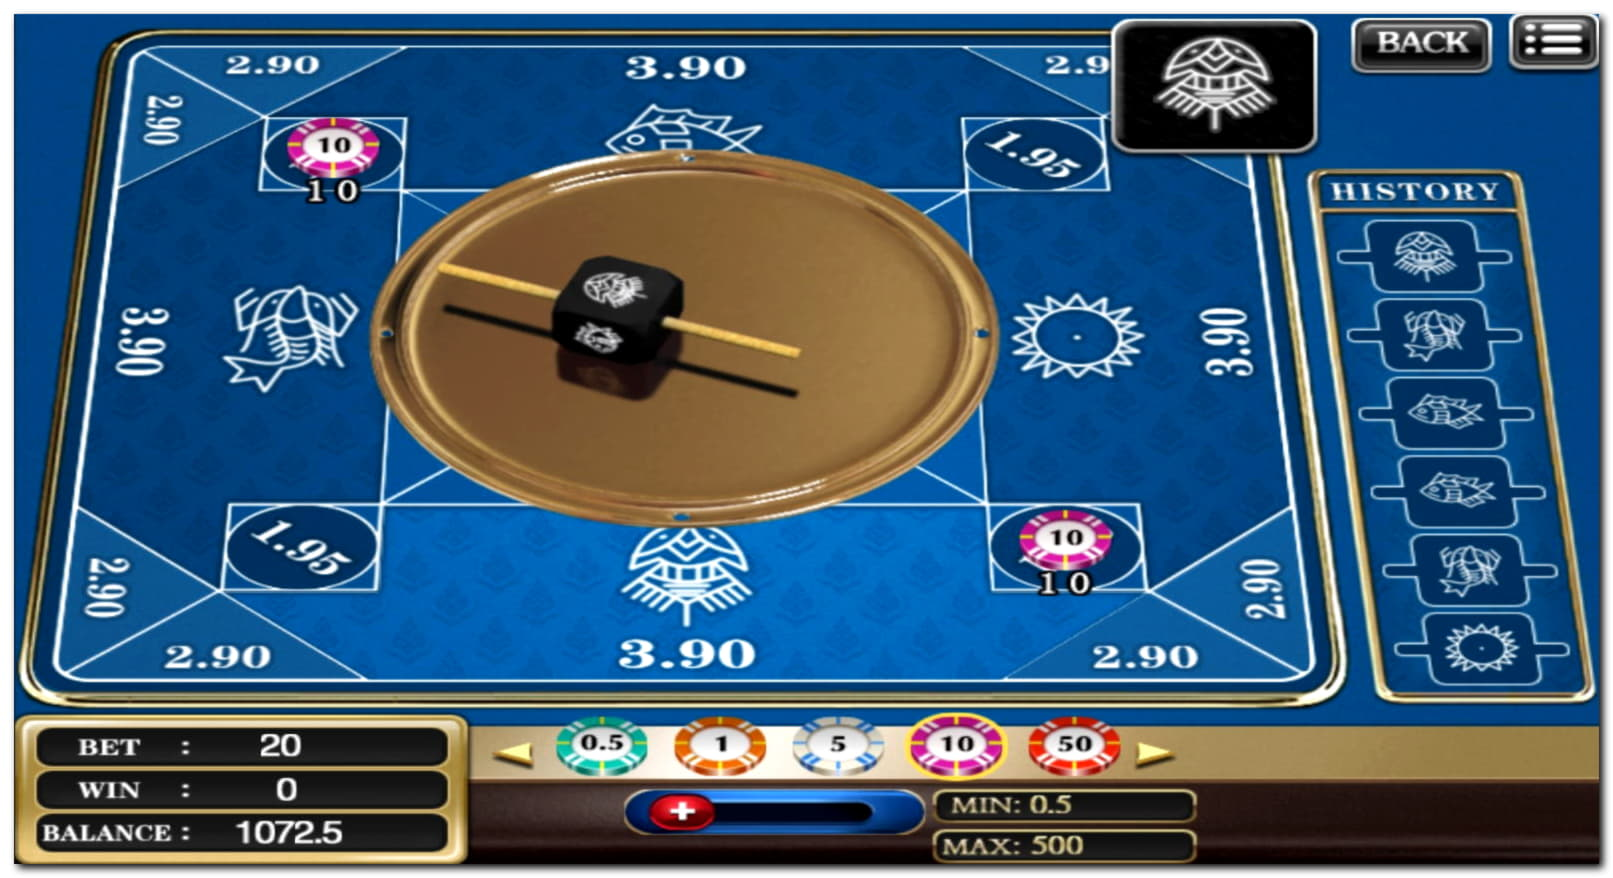 ベットオンラインカジノでの100フリースピン